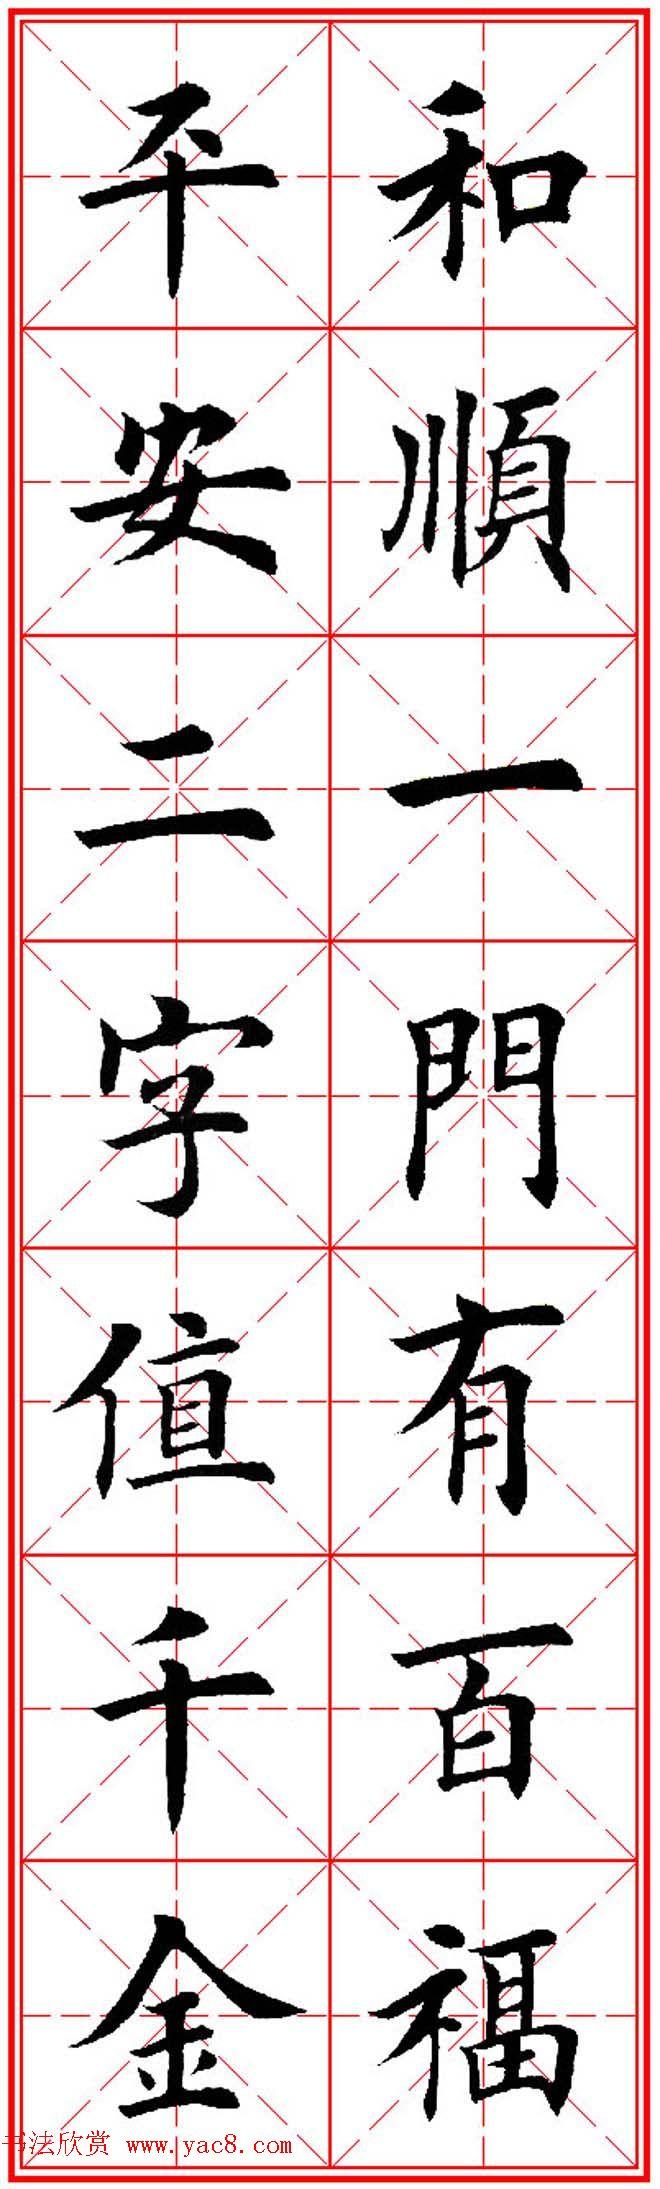 猴年春联欣赏 集田英章楷书字体版 第13页 书法专题 书法欣赏图片